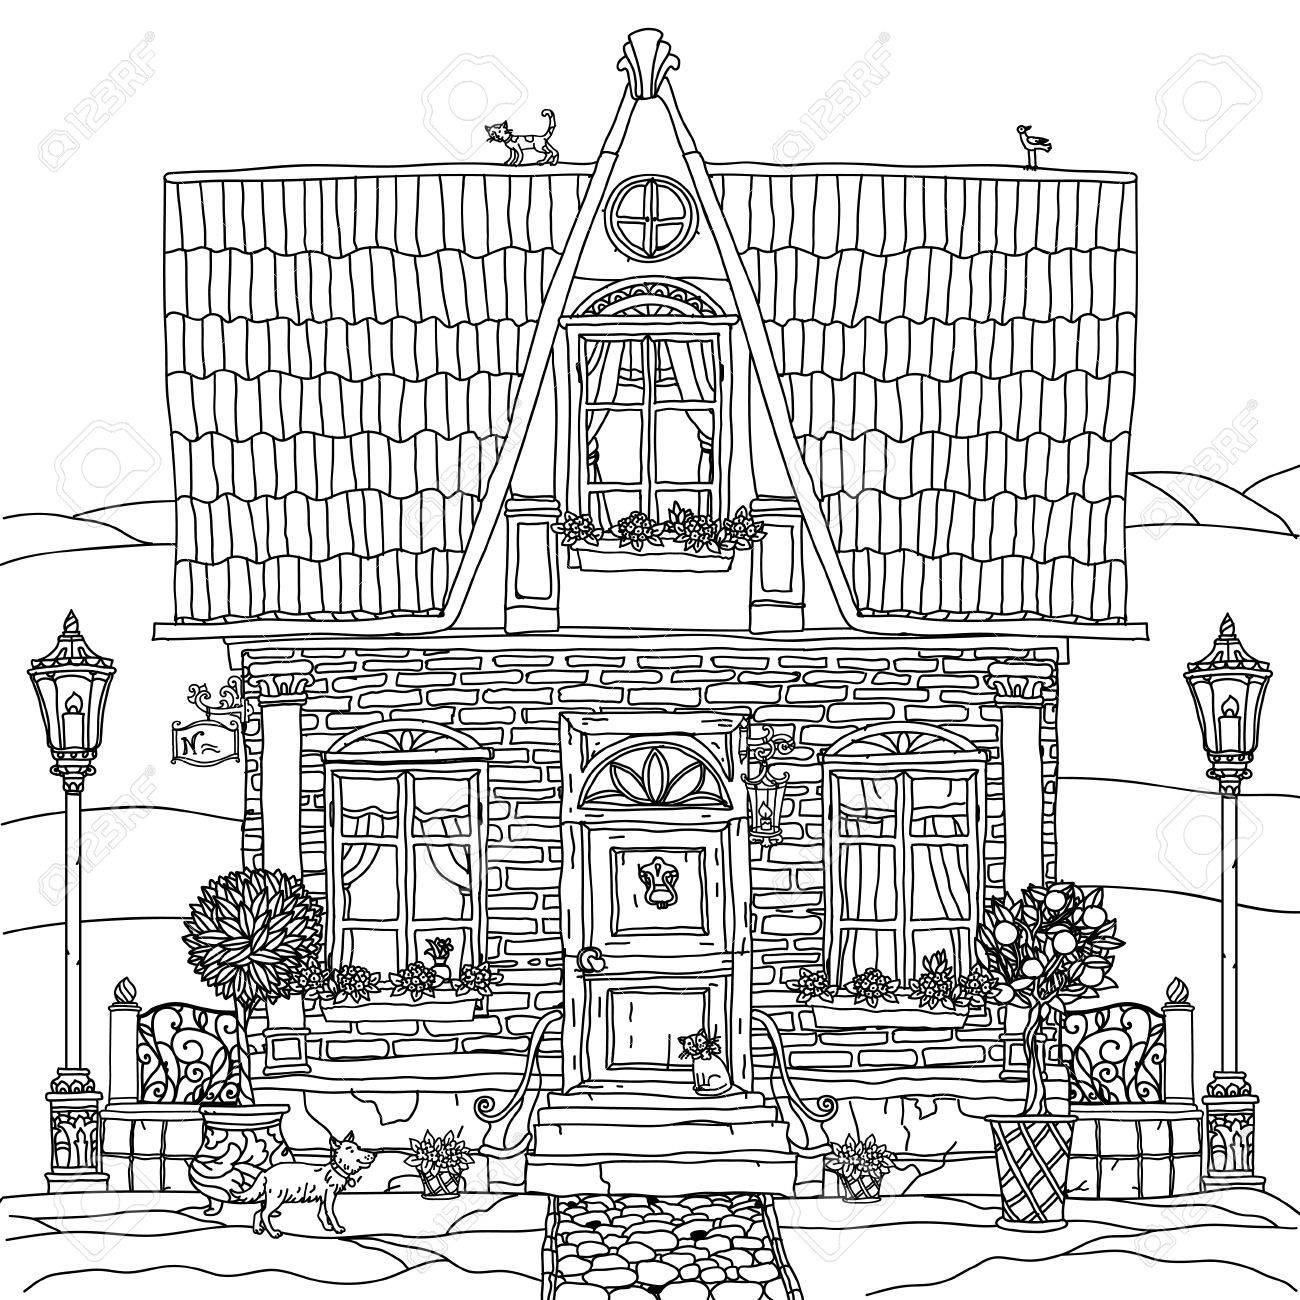 Coloriage Chat Avec Des Fleurs.Facade D Une Maison Avec Des Fleurs Des Plantes Chat Et Chien Pour